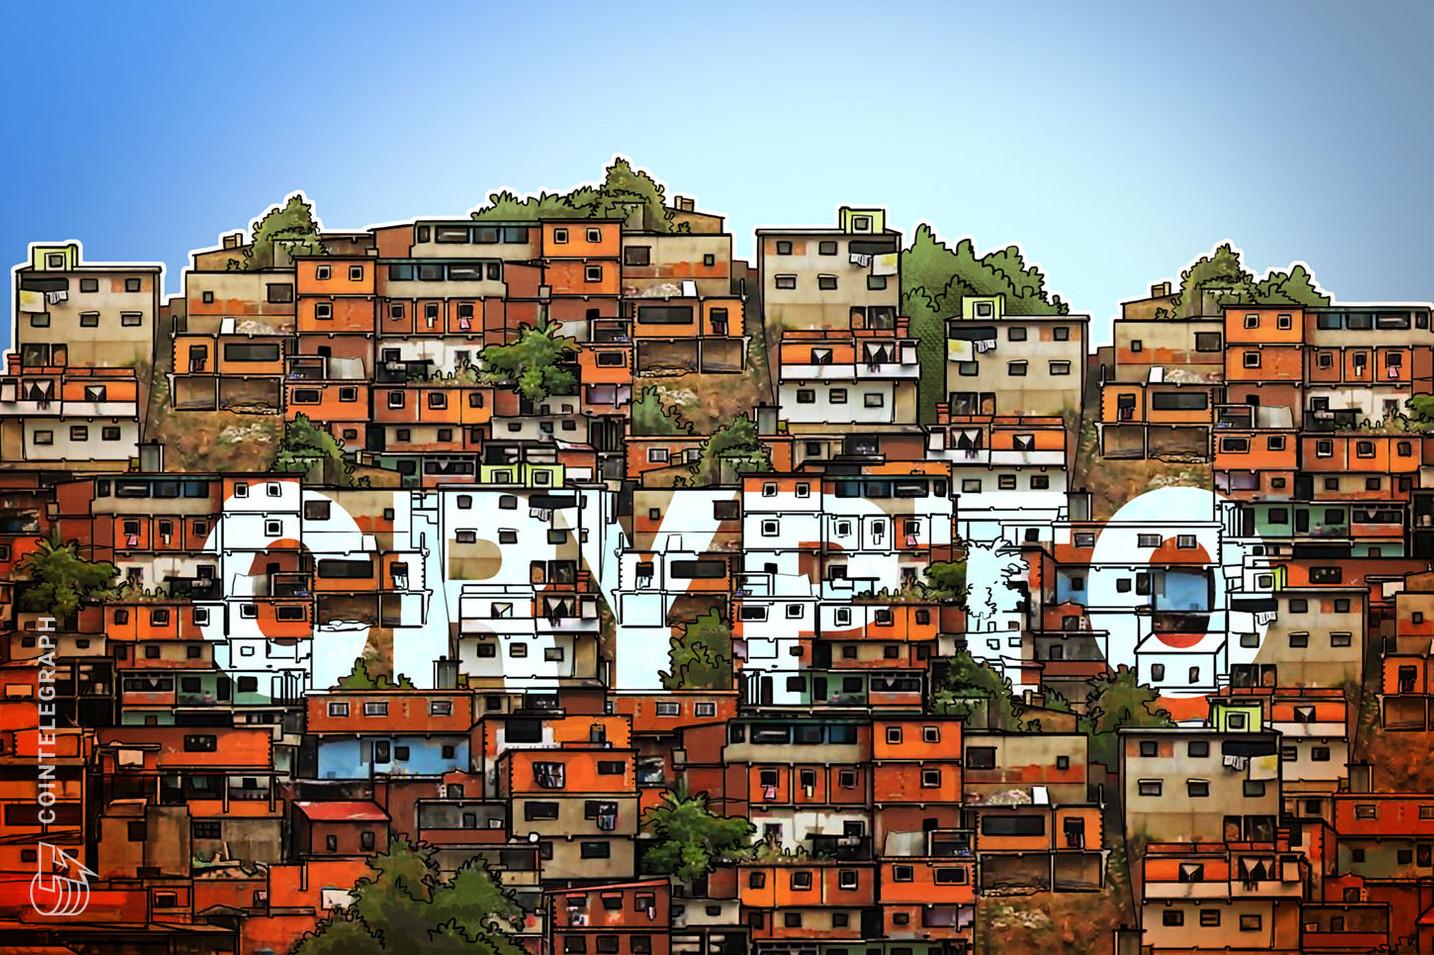 ハイパーインフレで苦しむベネズエラ、ビットコインなどの仮想通貨支払いが拡大